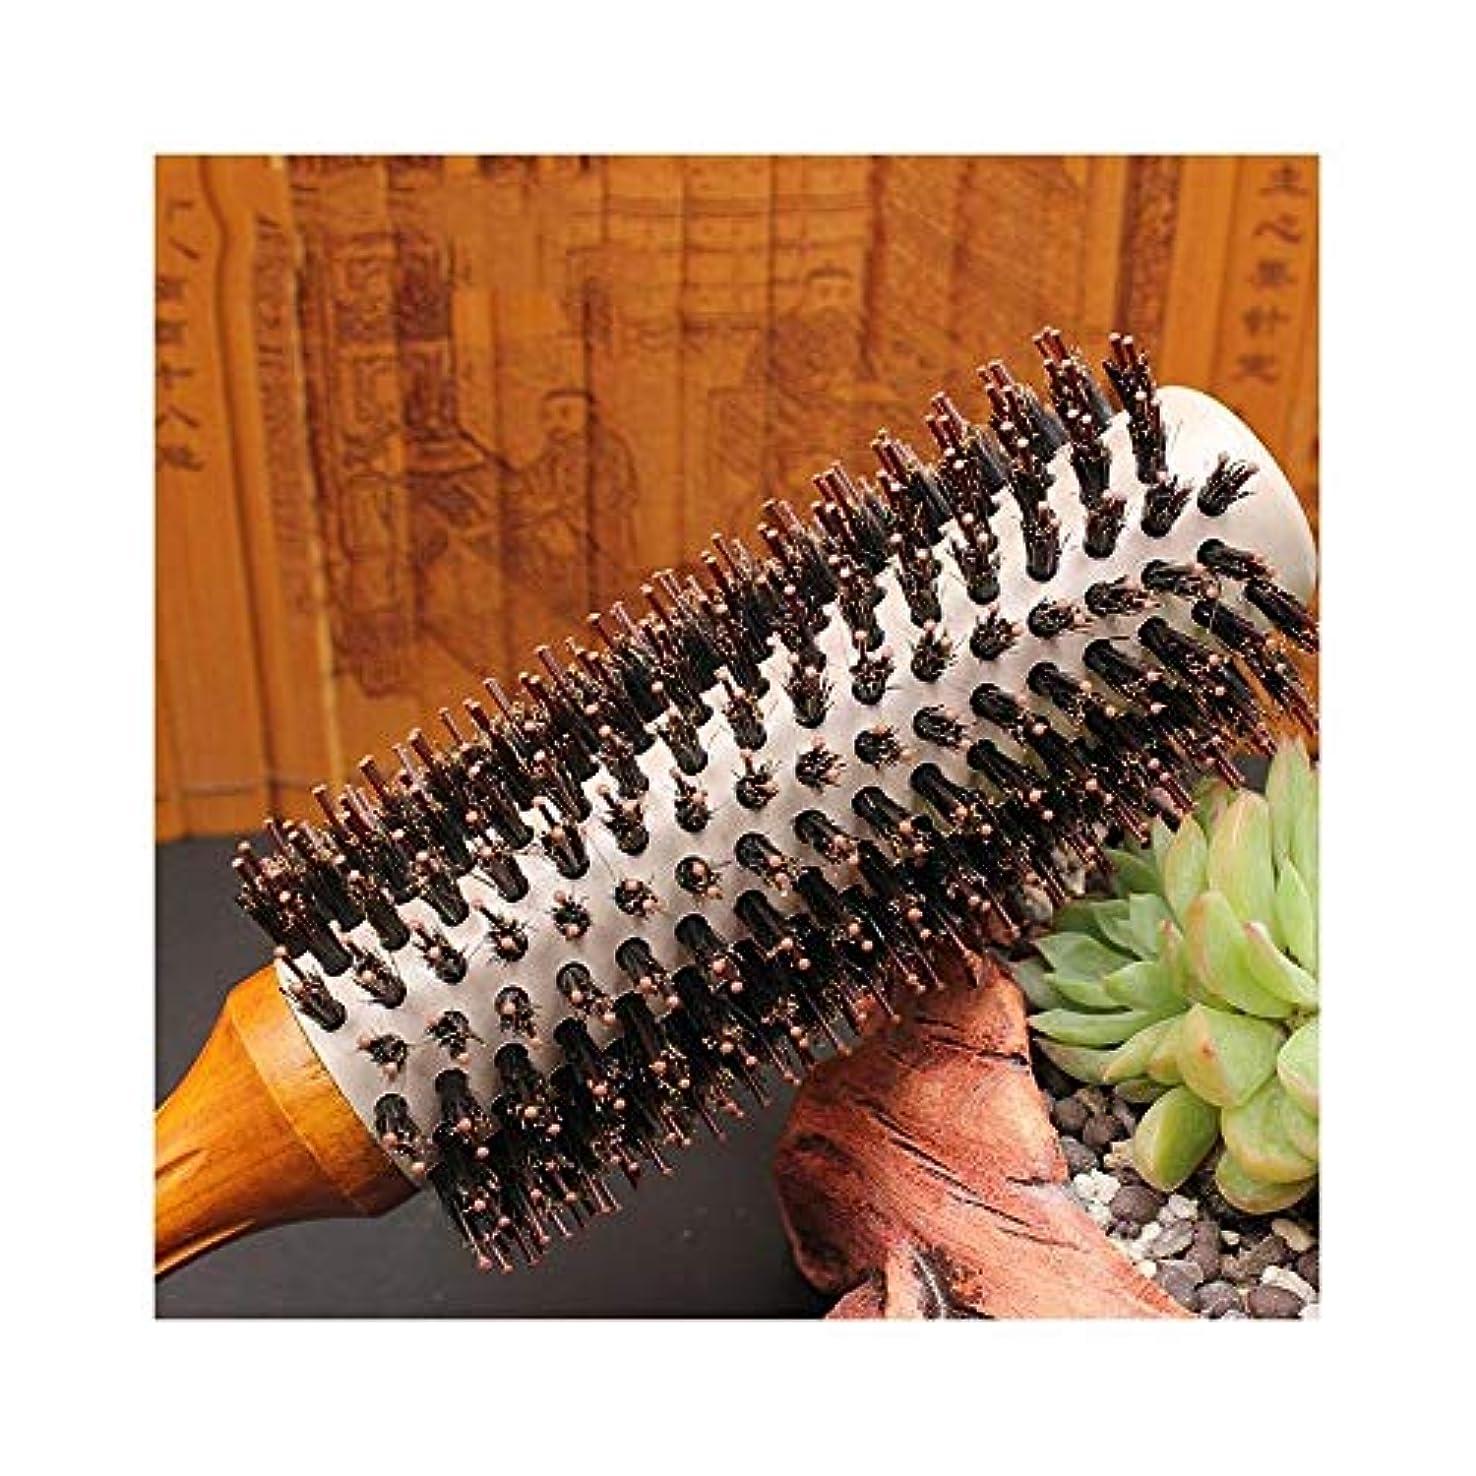 動作ファウル砲兵ヘアコーム理髪くし すべてのヘアスタイルのためにイノシシ毛&ナイロンピン - プロフェッショナルイノシシ毛ラウンド櫛ドライヘアブラシブロー ヘアスタイリングコーム (Size : XL)